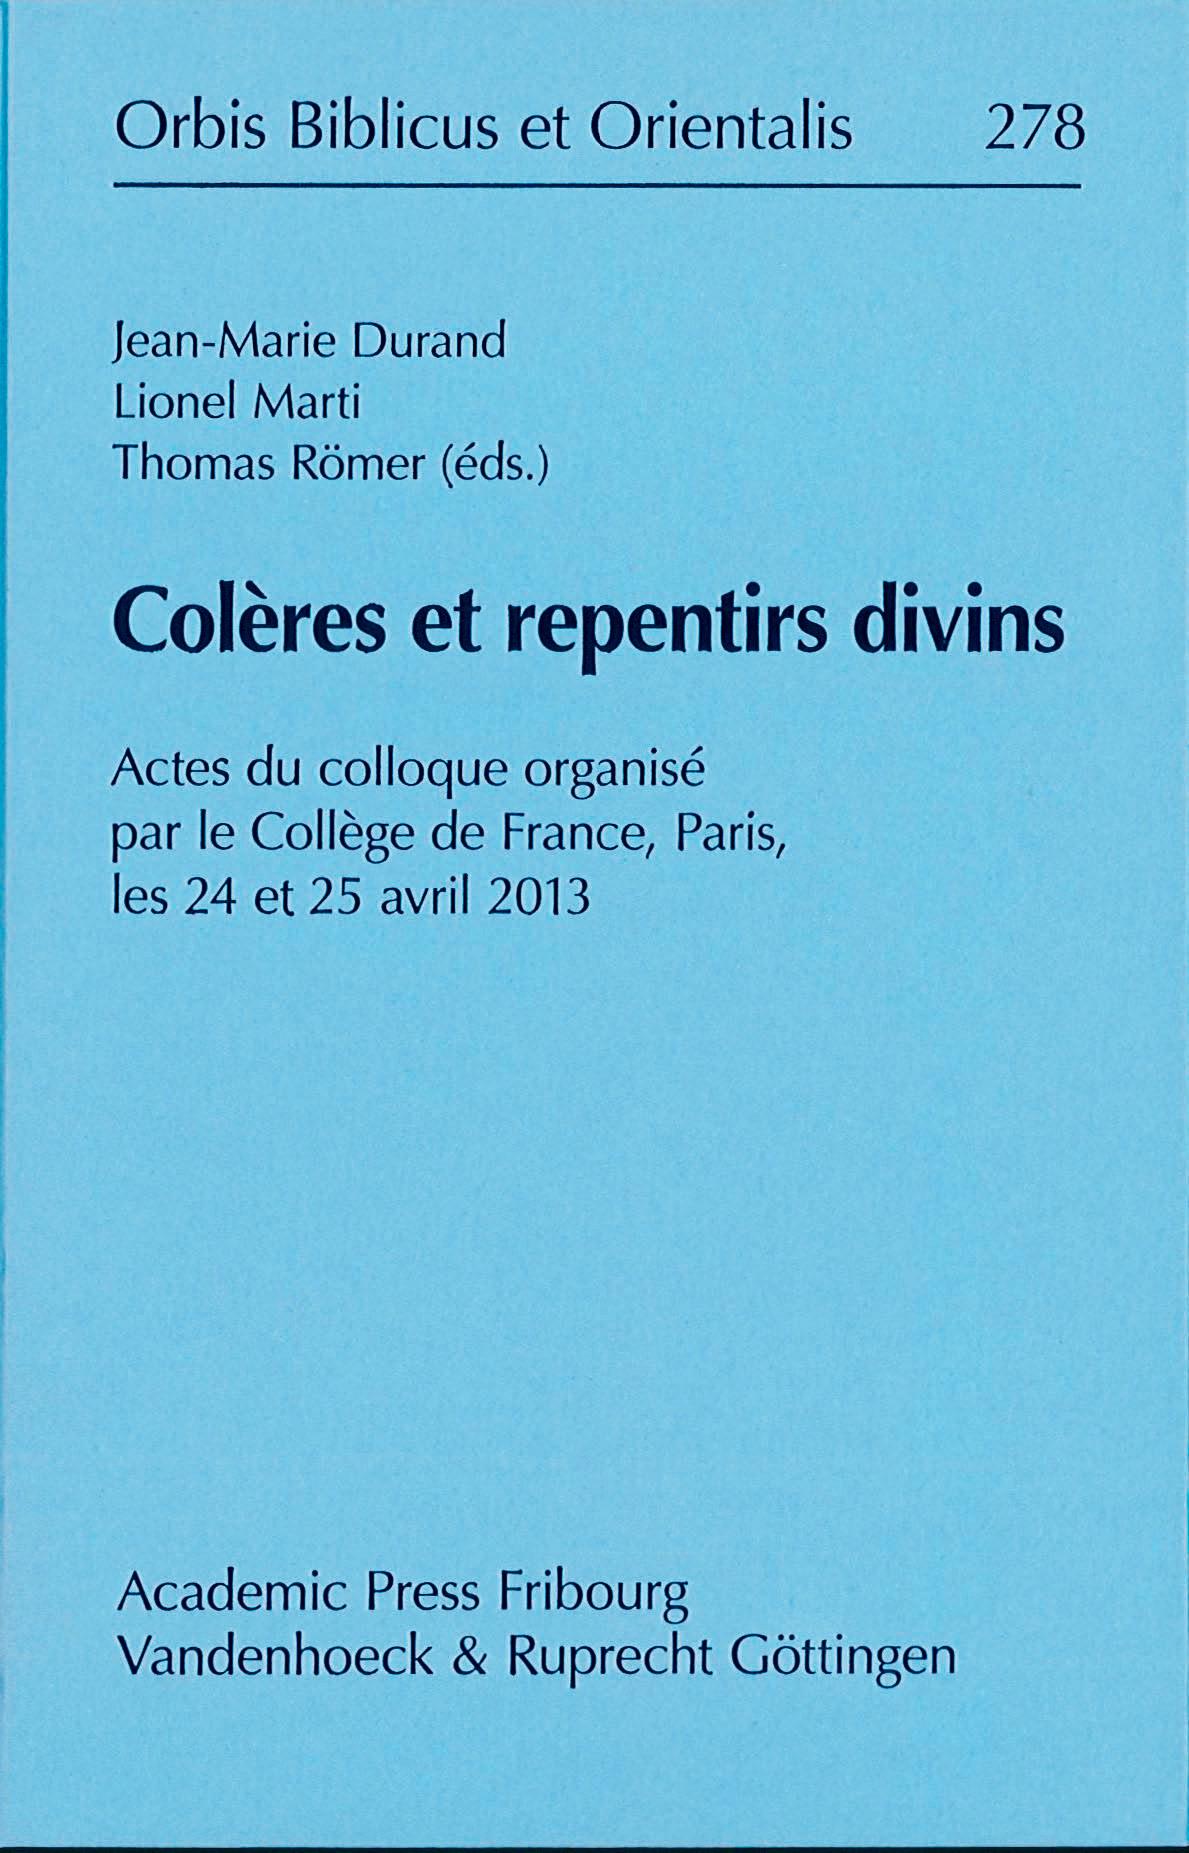 Ouvrages Publiés Avec Le Soutien Du Collège De France